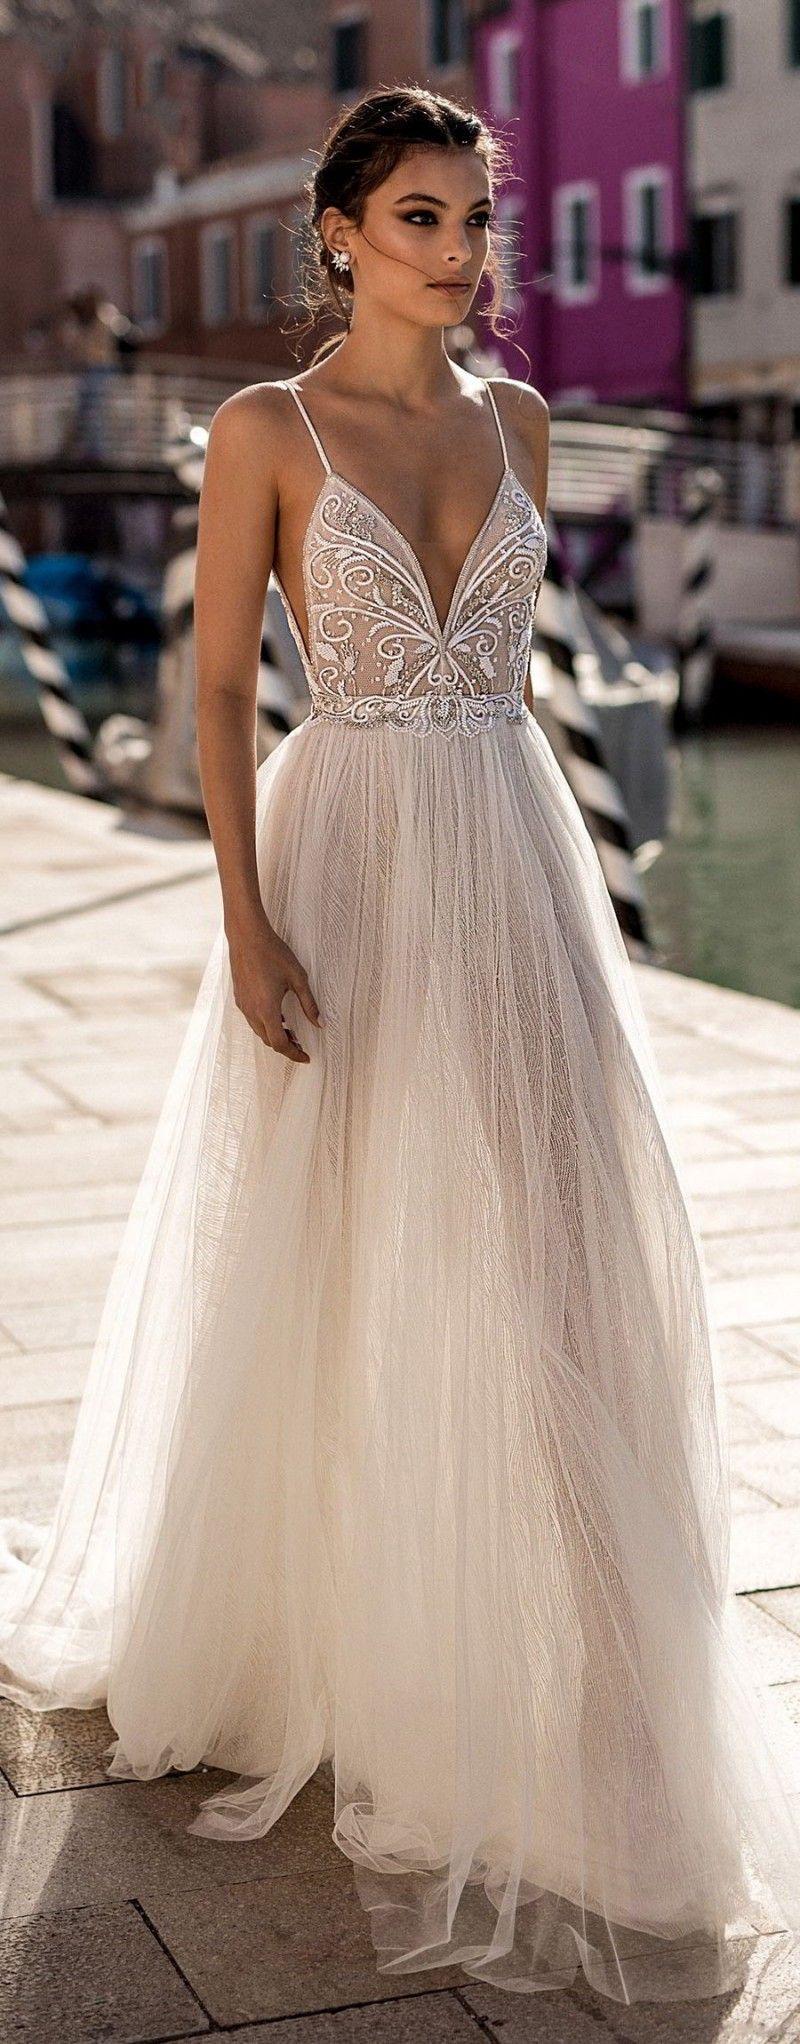 Gali Karten 2019 robes de mariée plage côté spaghetti sexy illusion Boho une ligne robes de mariée perles dos nu robes de mariée